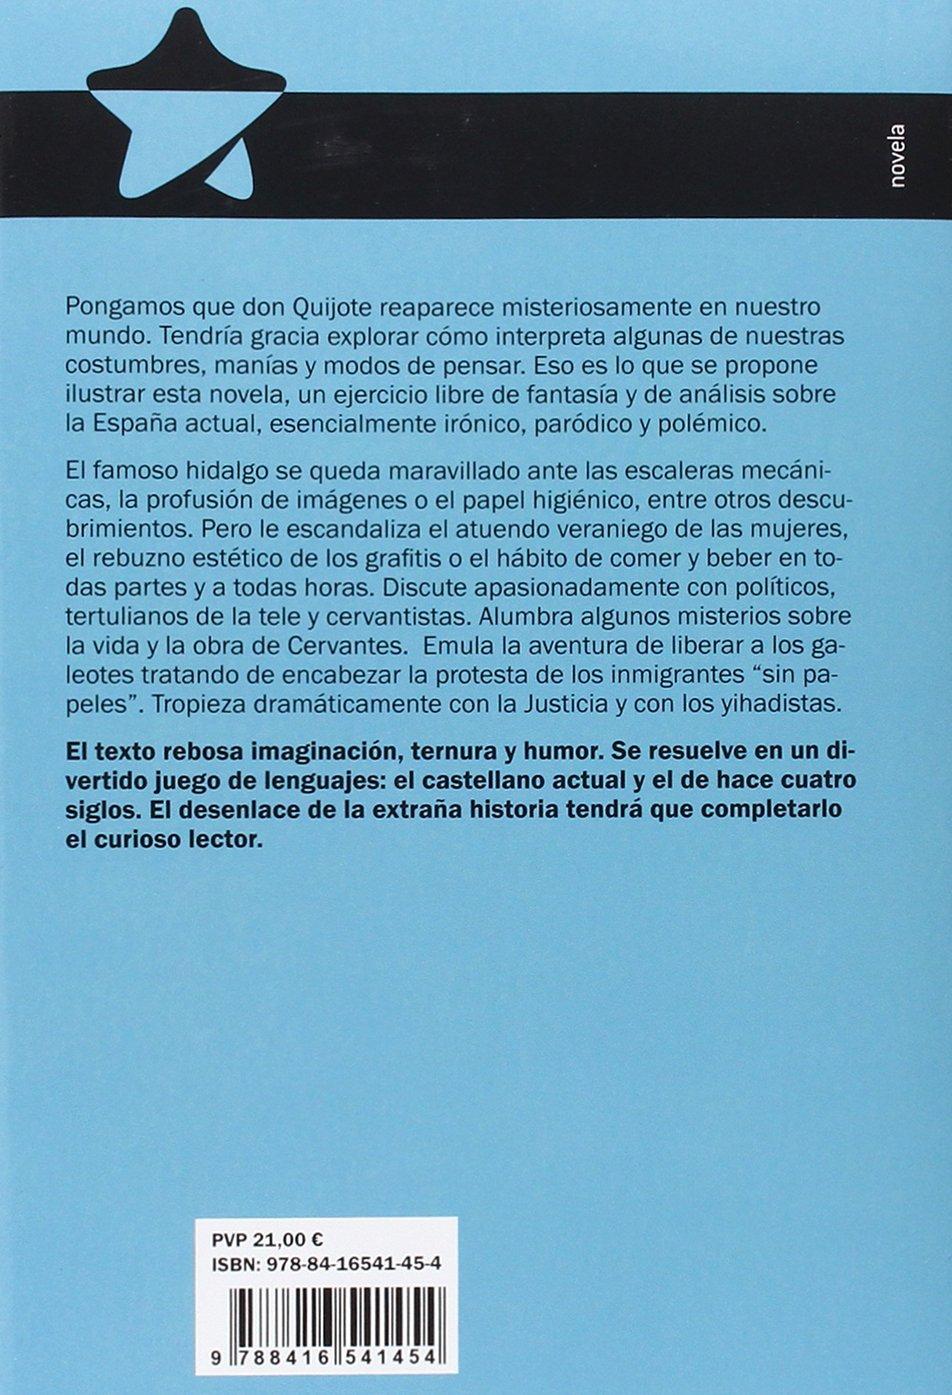 Don Quijote En La España De La Reina Letizia: Amazon.es: de Miguel ...